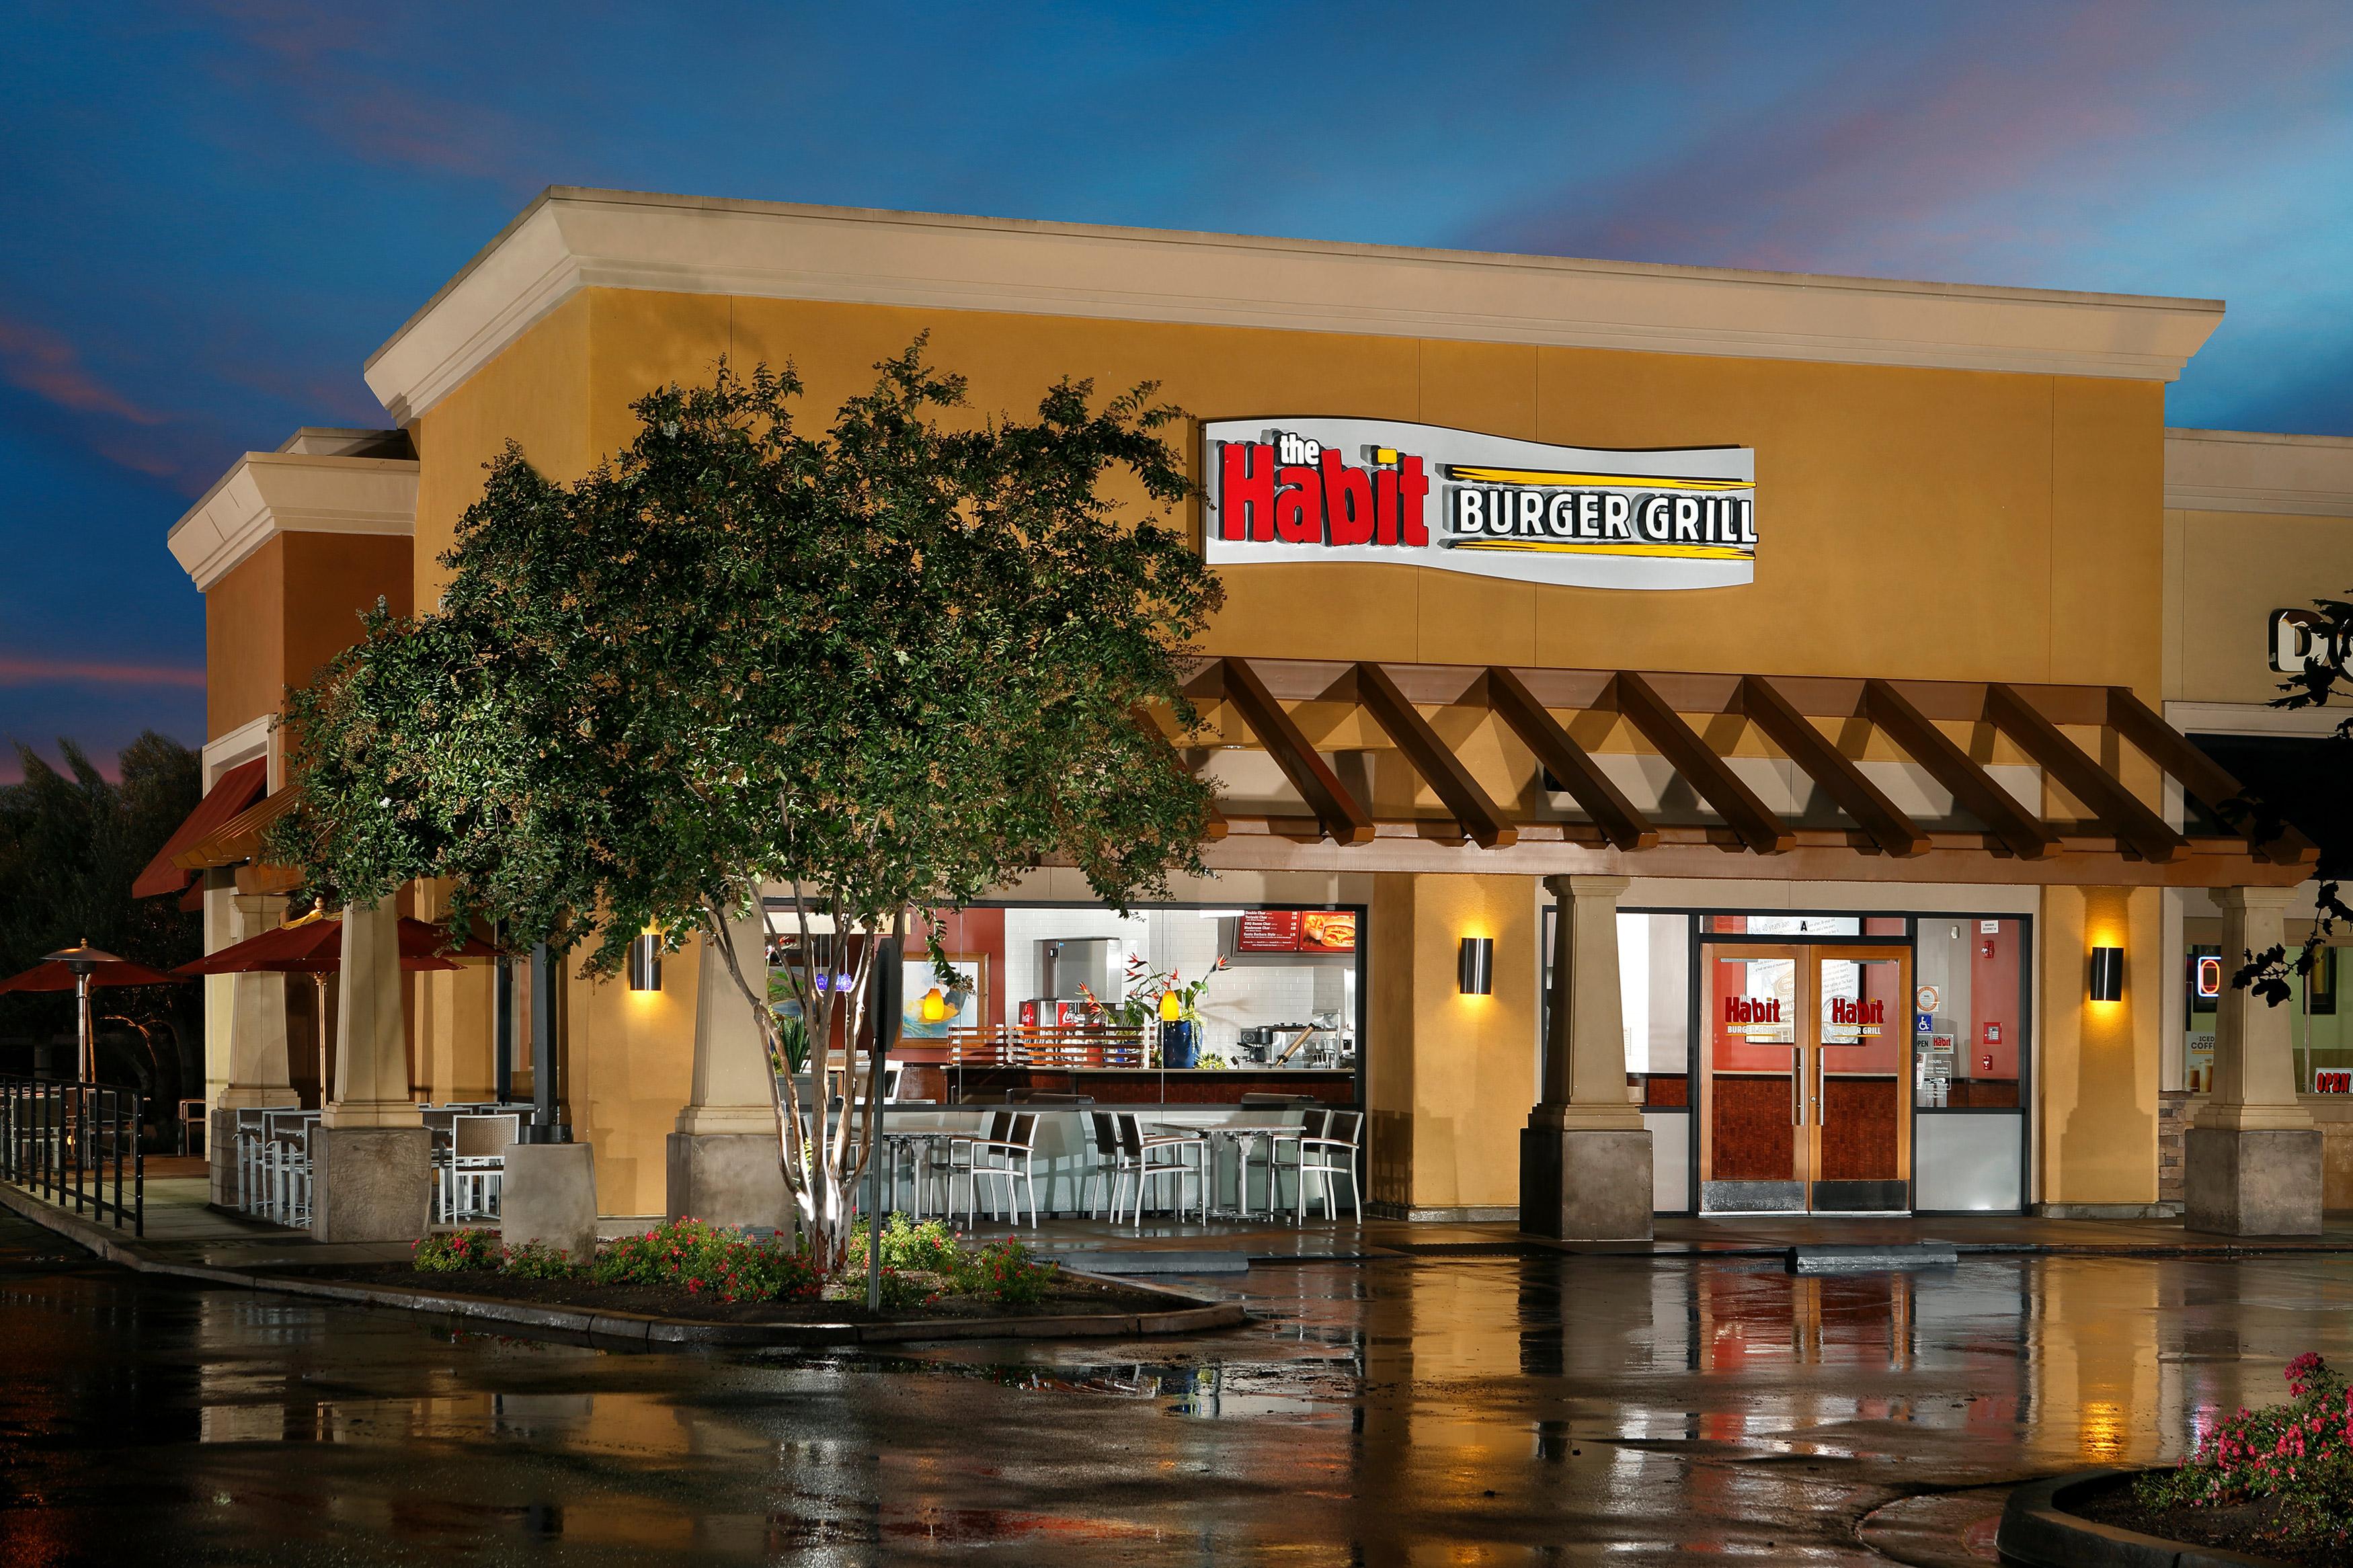 A Habit Burger Grill exterior shot.